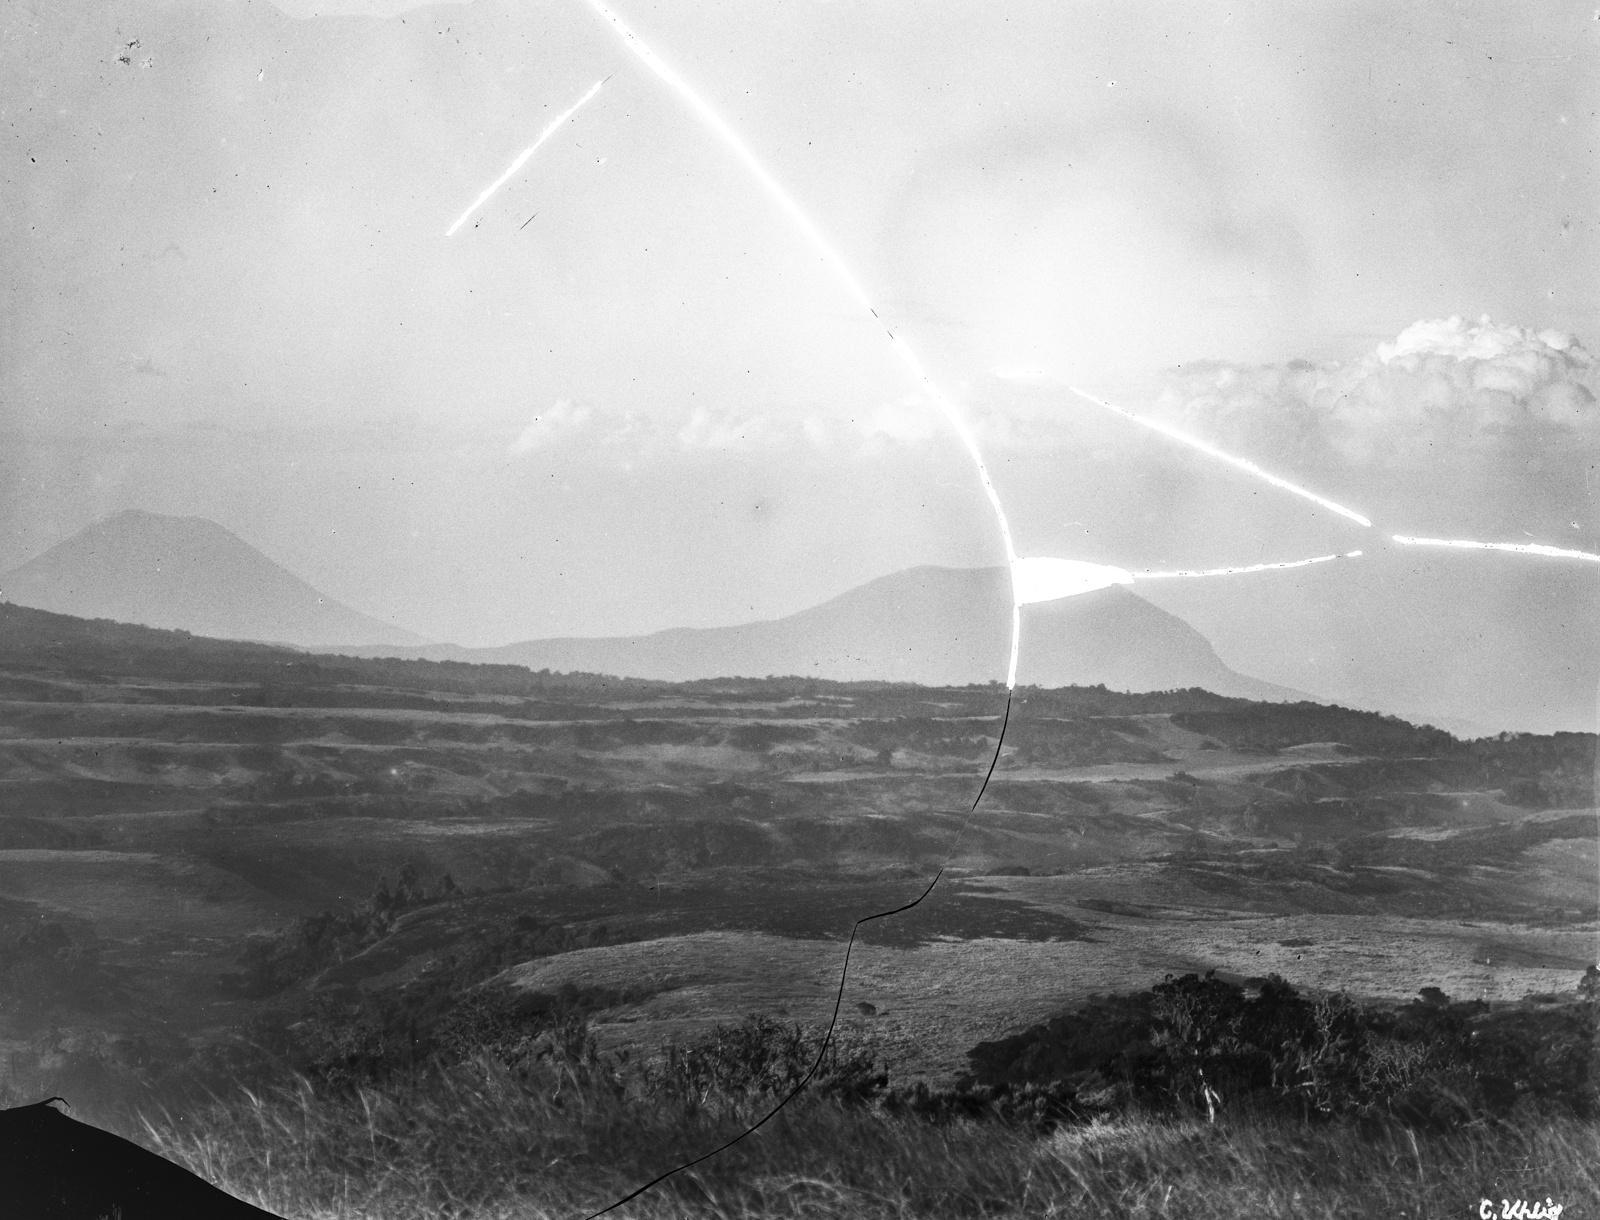 54. Высокогорные пастбища с остатками леса на плато выше уровня разлома. На заднем плане вулканы Ол-Доиньо-Ленгаи  (слева) и Керимаси (справа)